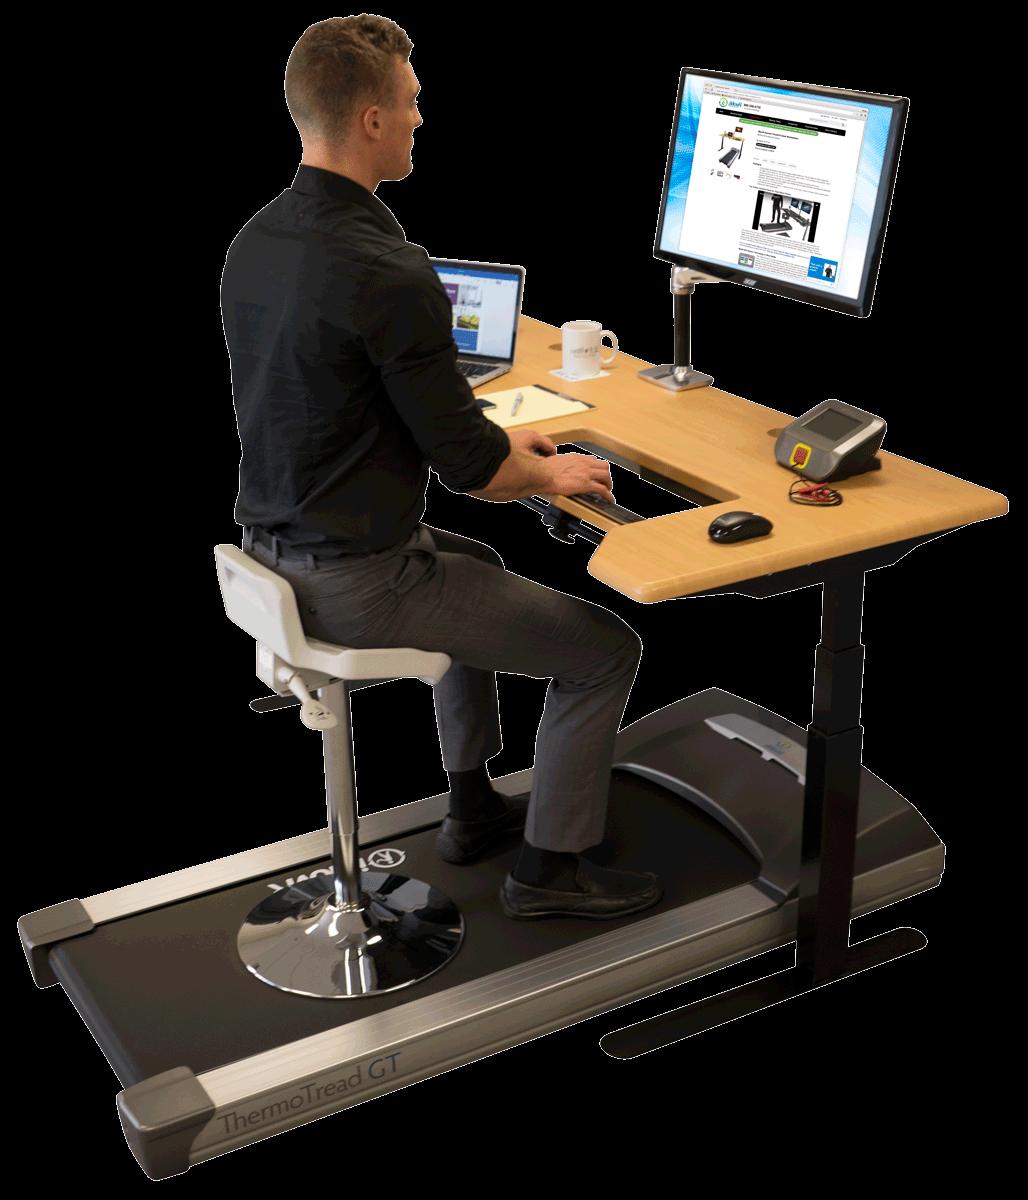 Treadmill Desk Programmer